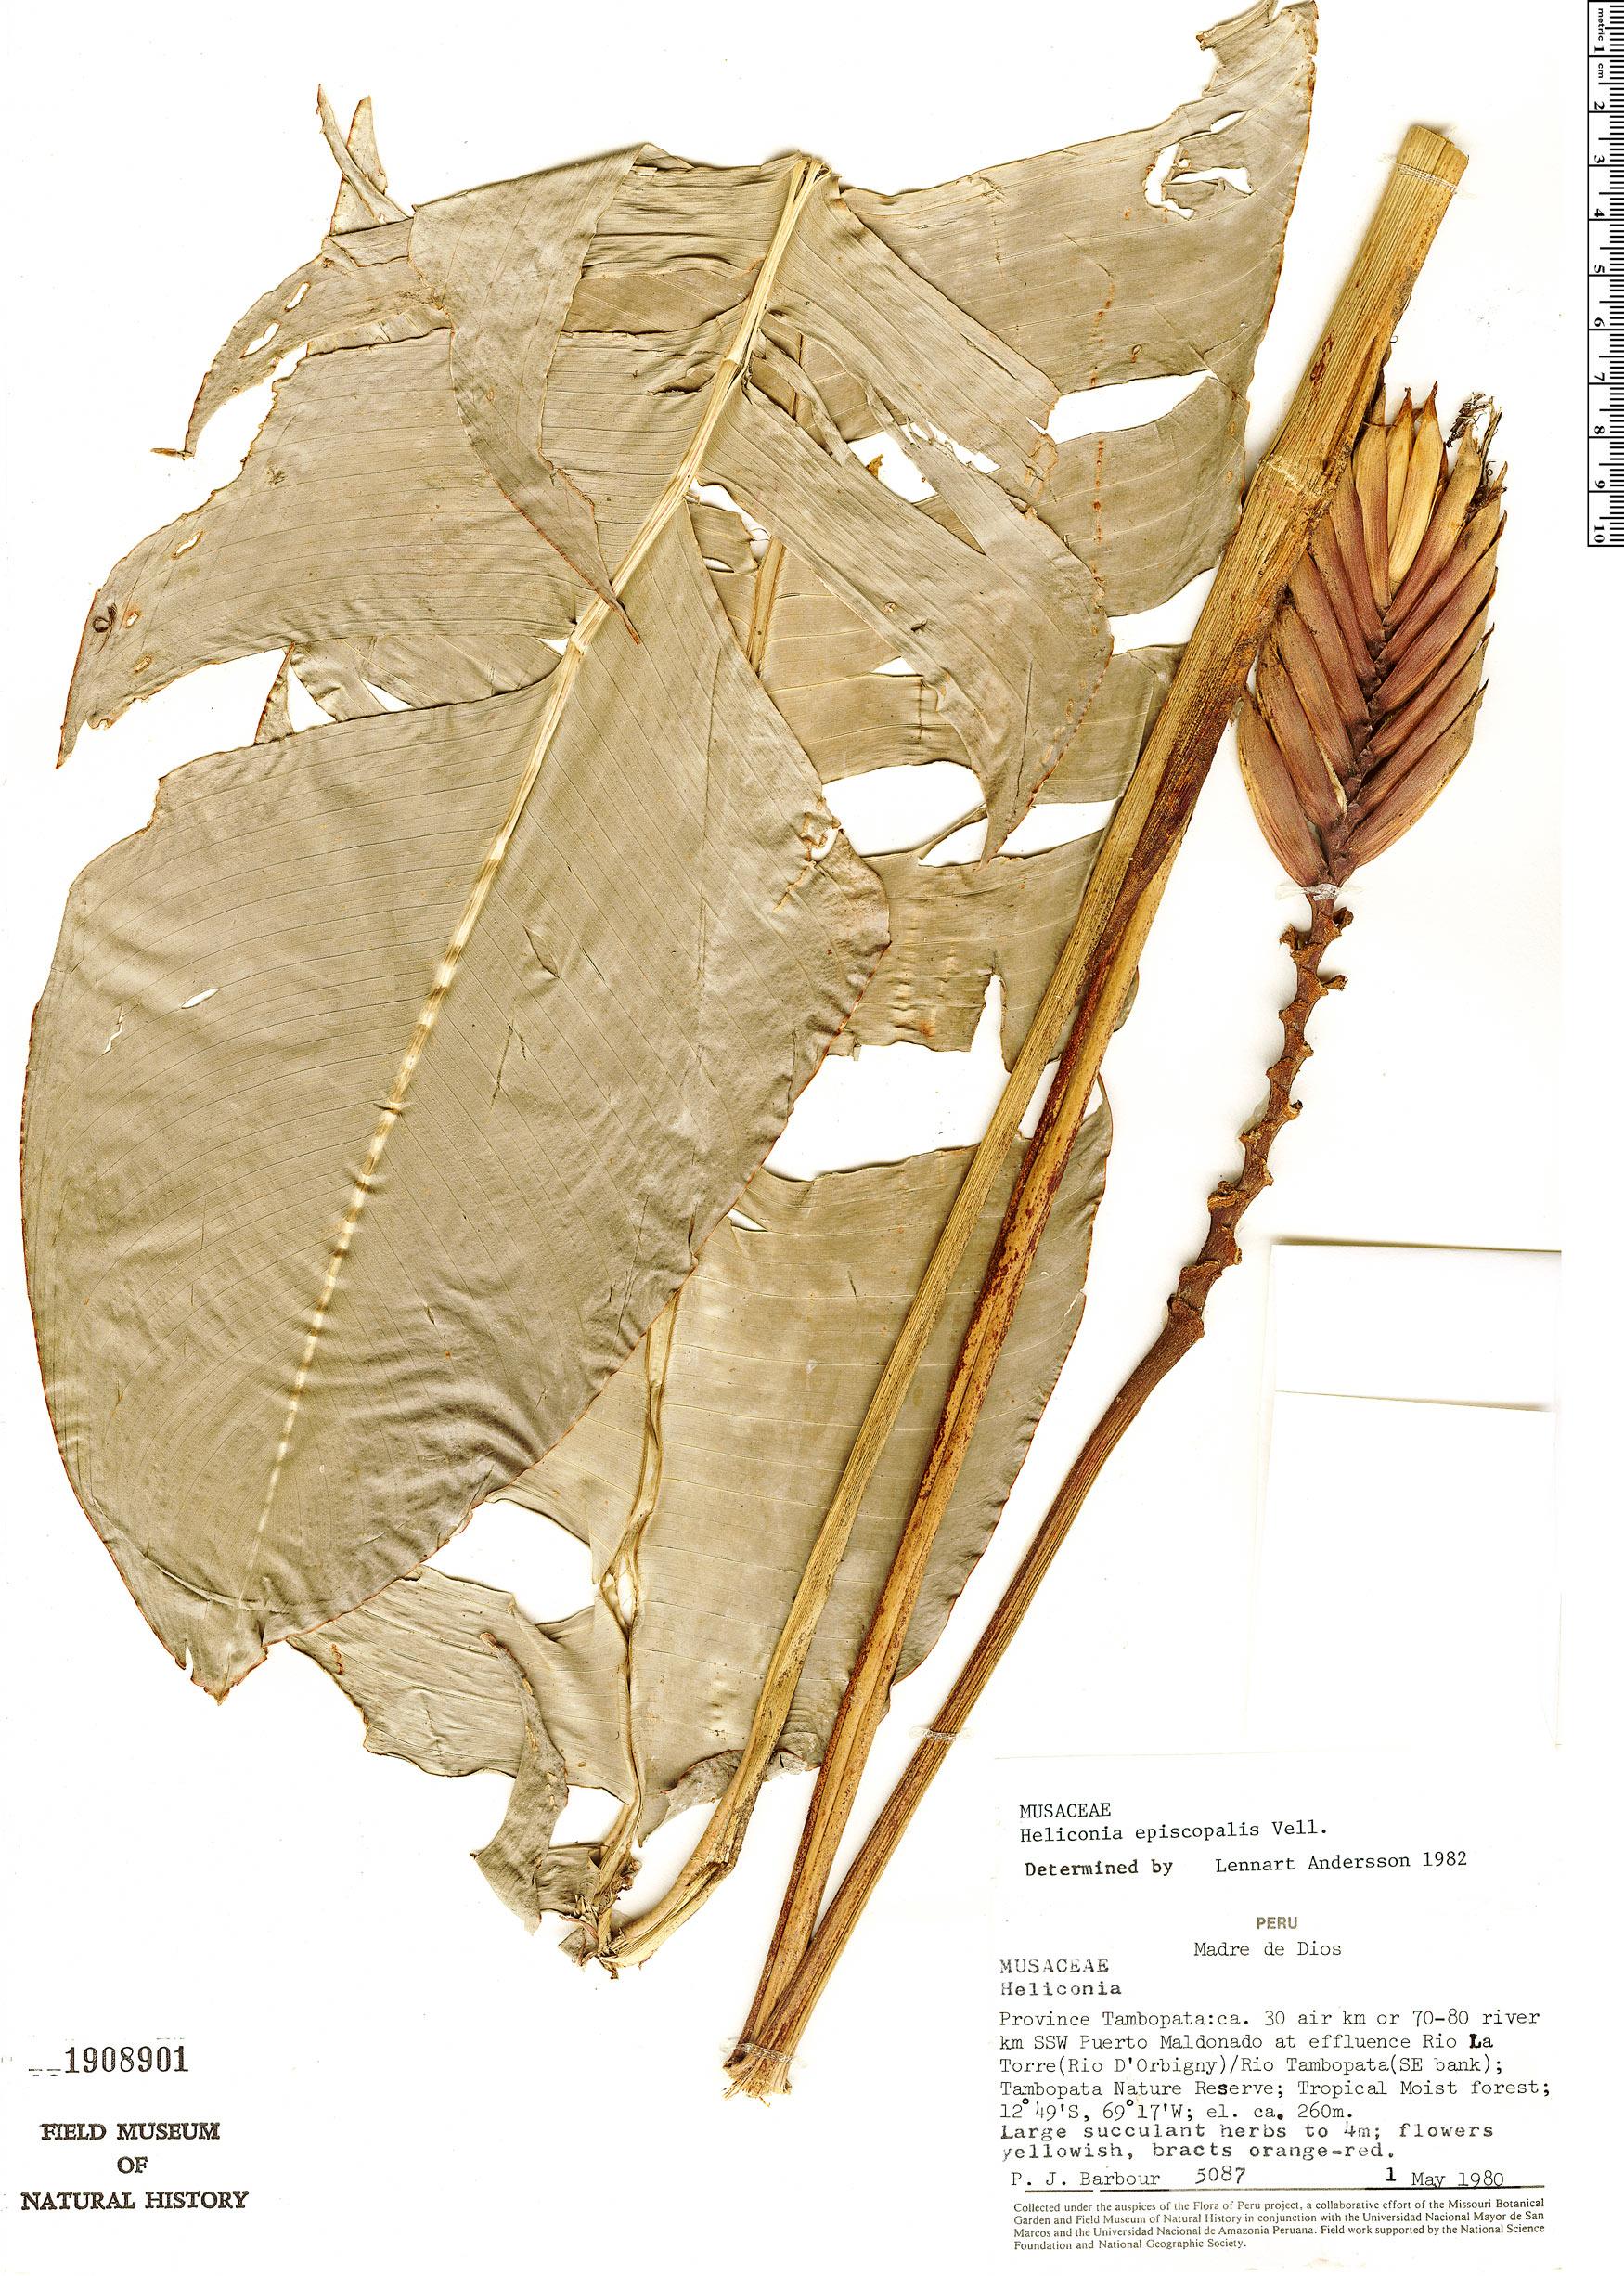 Specimen: Heliconia episcopalis